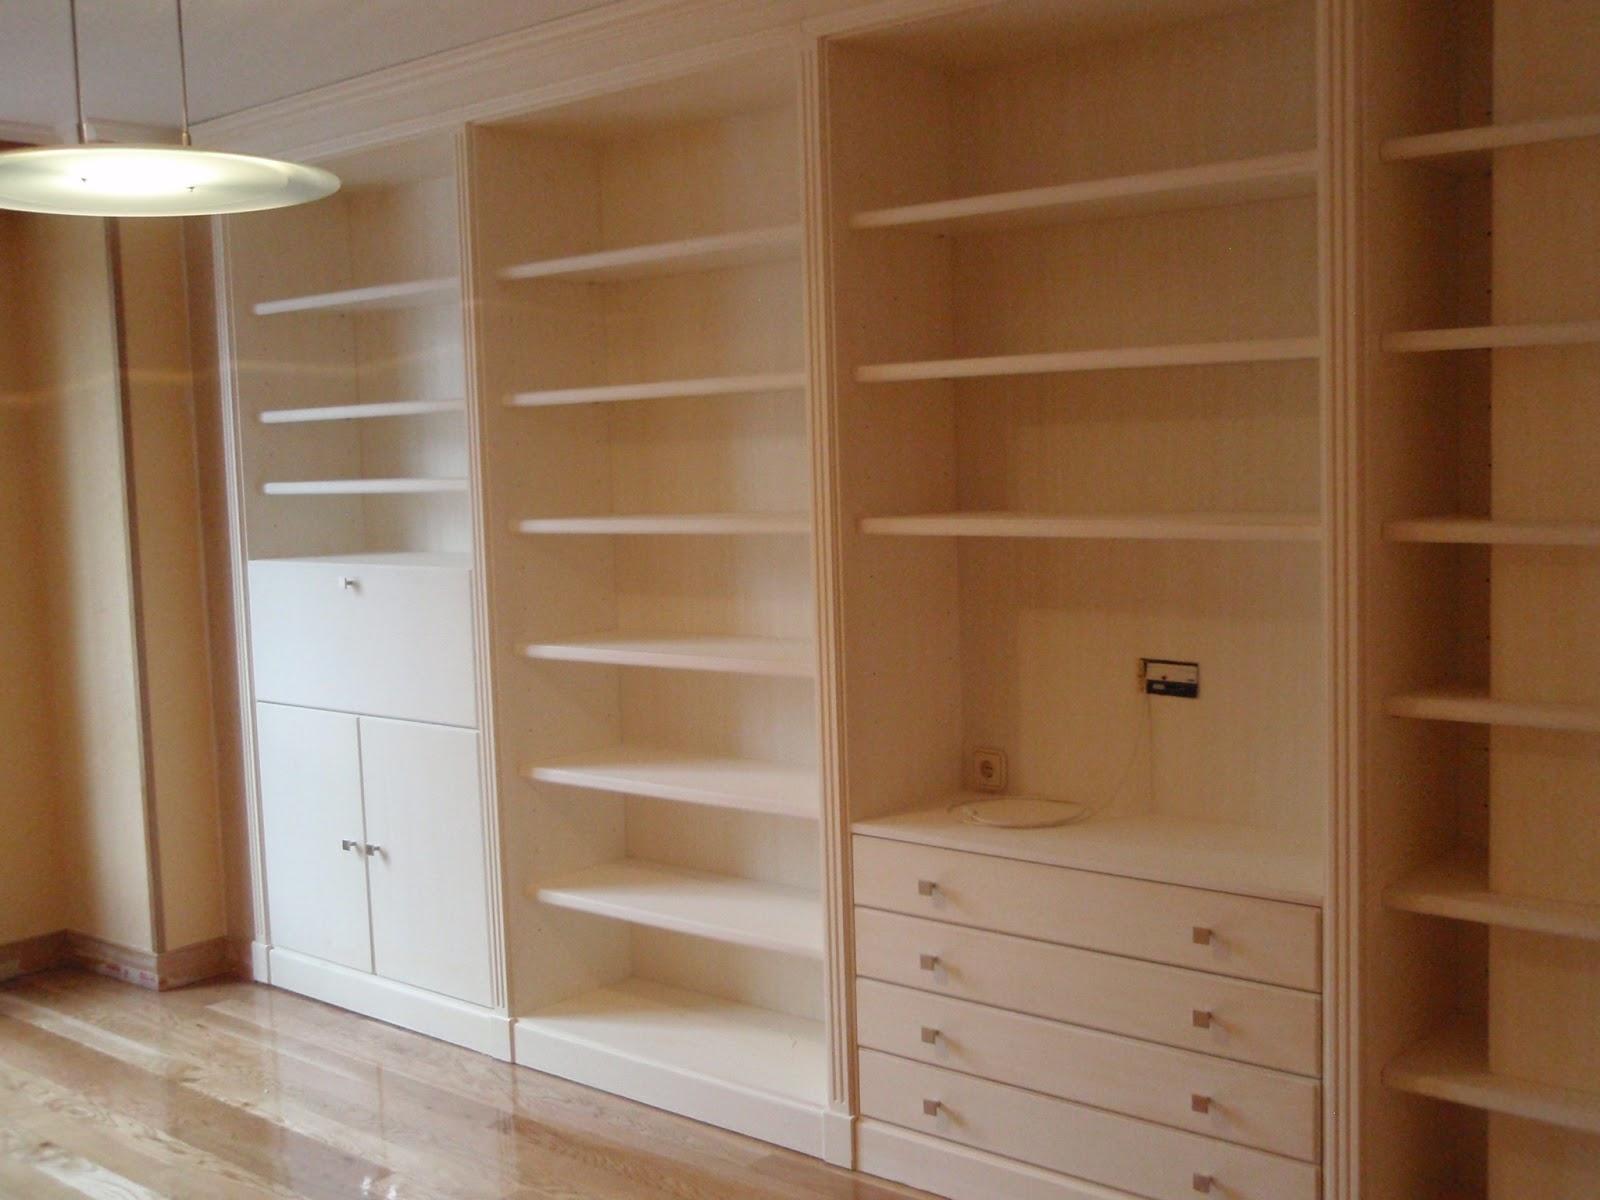 Ventajas De Los Muebles Personalizados Y A Medida Mueblesbyset # Muebles Personalizados